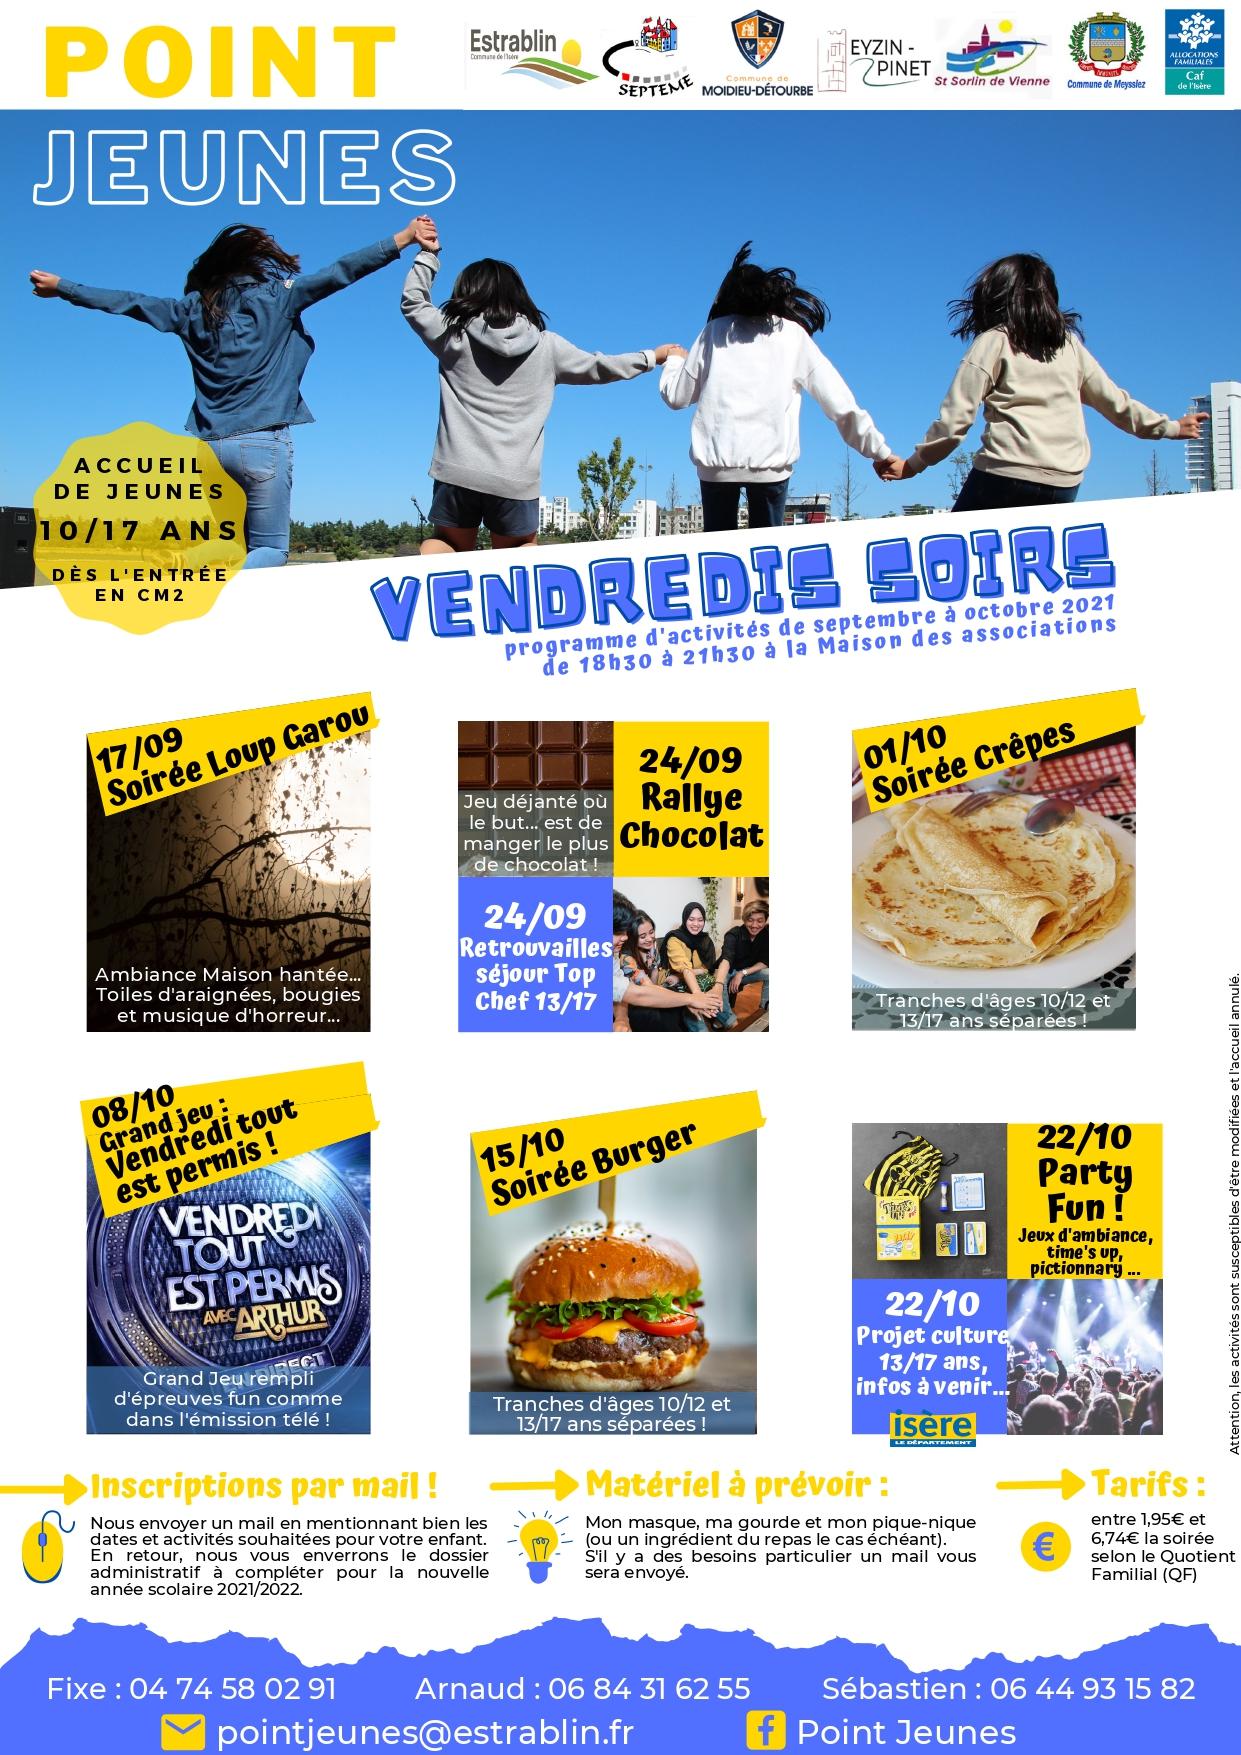 2021 - 09 - 14 VENDREDI SEPTEMBRE OCTOBRE PJ